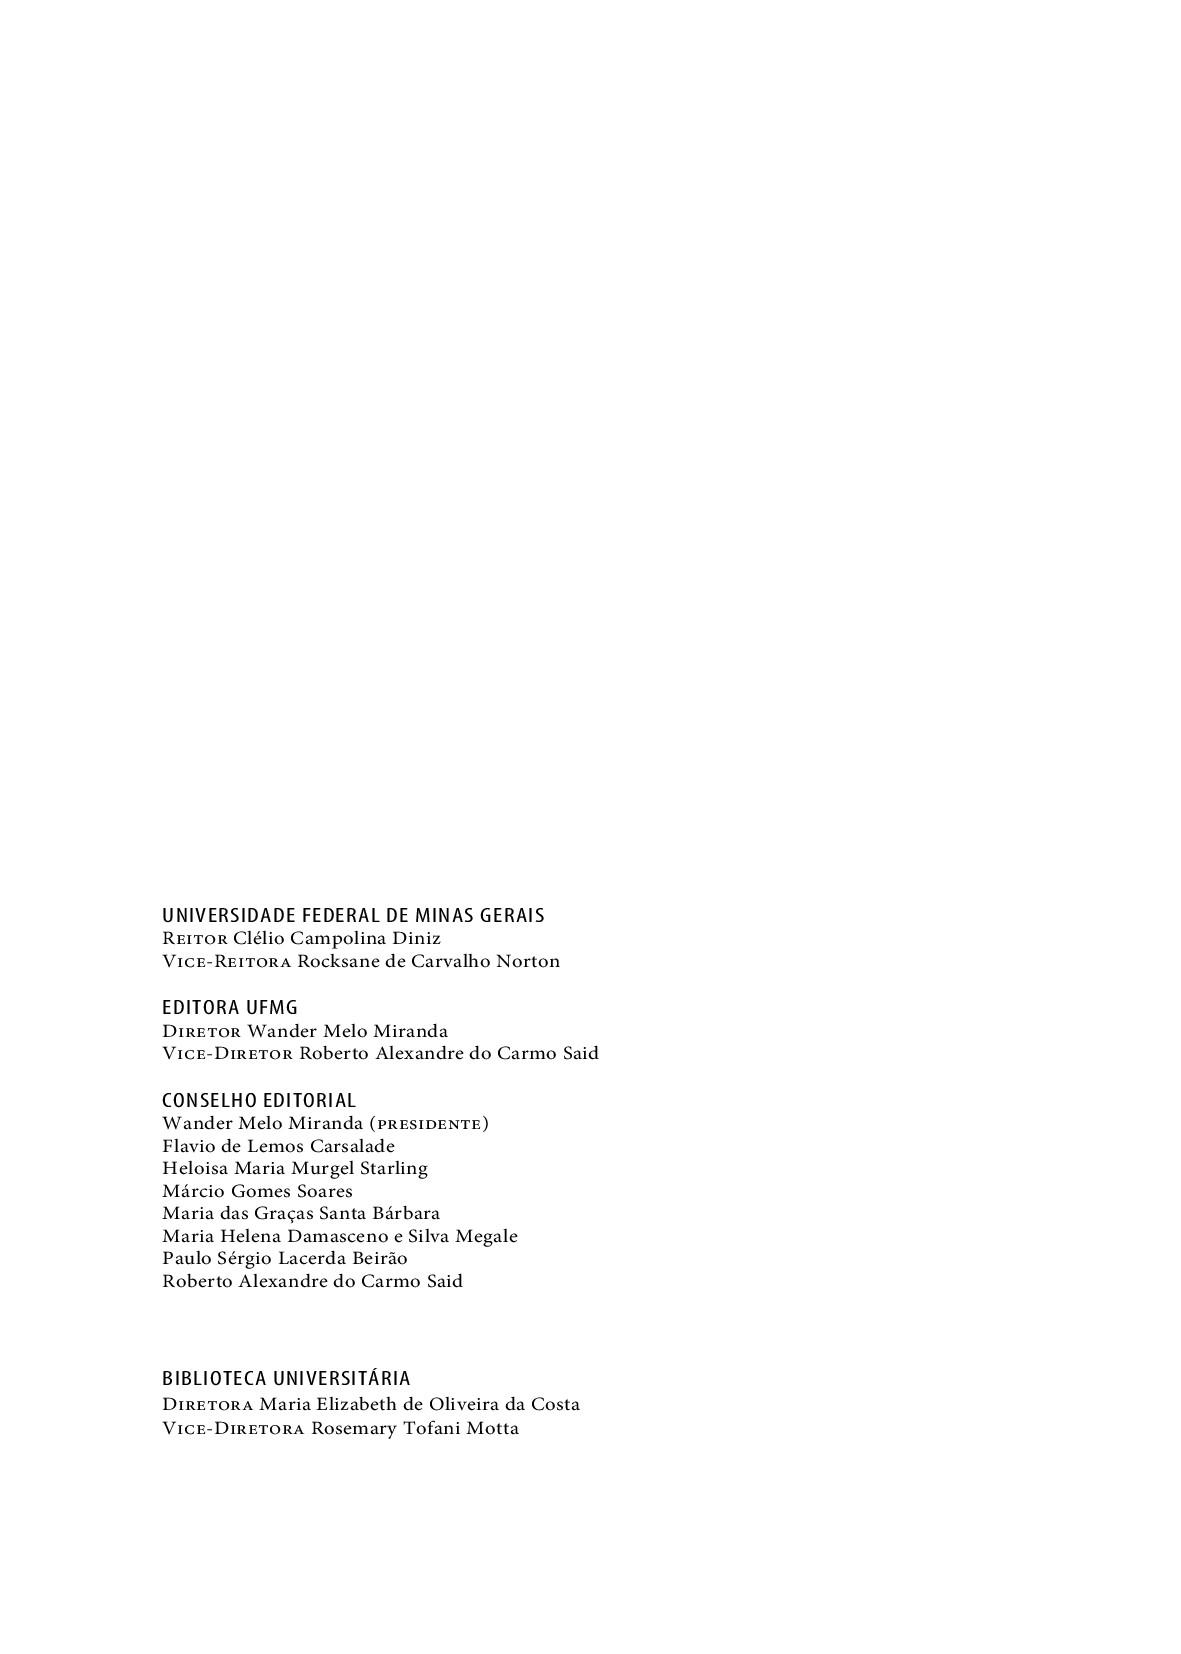 Calendario 2019 Quebec Más Caliente Manual Para Entrada De Dados Bibliográficos Em formato Marc